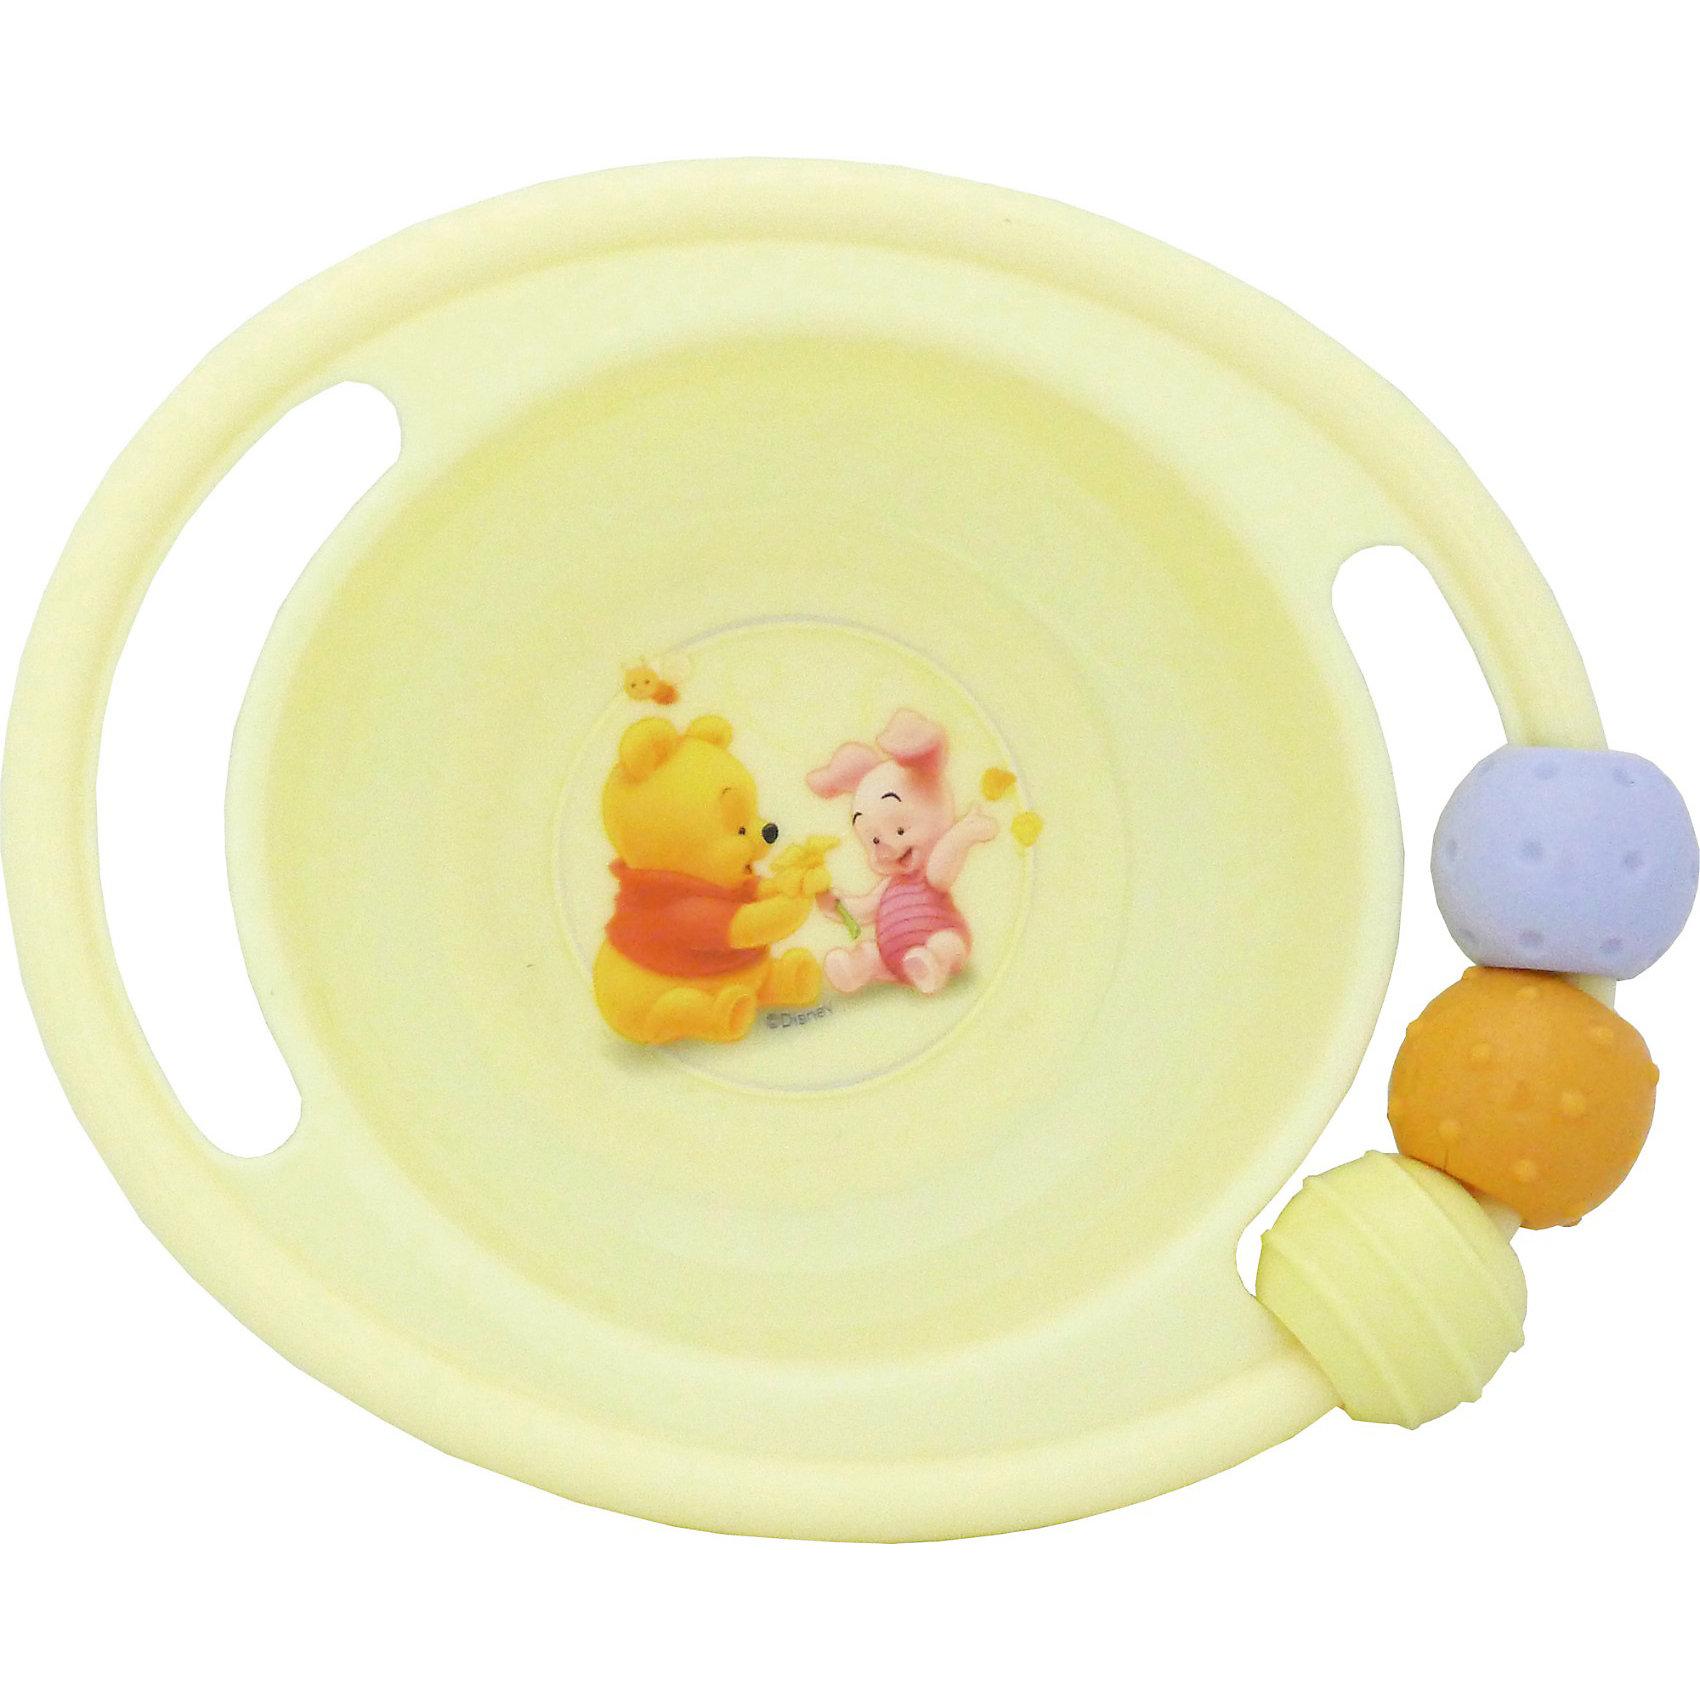 Миска-погремушка с резинкой против скольжения, Винни ПухDisney Винни Пух<br>Малыши очень любят играть со всем, что увидят, особенно - с предметами обихода. Эта тарелка-погремушка - идеальный вариант для маленького непоседы! Края тарелки выполнены в виде погремушки, несмываемый рисунок находится под прозрачной пластиковой пленкой, на задней стороне есть резинка против скольжения.  С такой посудой кушать не только вкусно, но весело и интересно. Изделие изготовлено из безопасного гипоаллергенного материала, выдерживает горячую пищу.<br><br>Дополнительная информация:<br><br>- Материал: пластик<br>- Размер: 17х14 см, глубина - 4,5 см.<br>- Комплектация: миска-погремушка. <br><br>Миску-погремушку с резинкой против скольжения, Винни Пух можно купить в нашем магазине.<br><br>Ширина мм: 155<br>Глубина мм: 140<br>Высота мм: 50<br>Вес г: 115<br>Возраст от месяцев: 36<br>Возраст до месяцев: 72<br>Пол: Унисекс<br>Возраст: Детский<br>SKU: 3907863